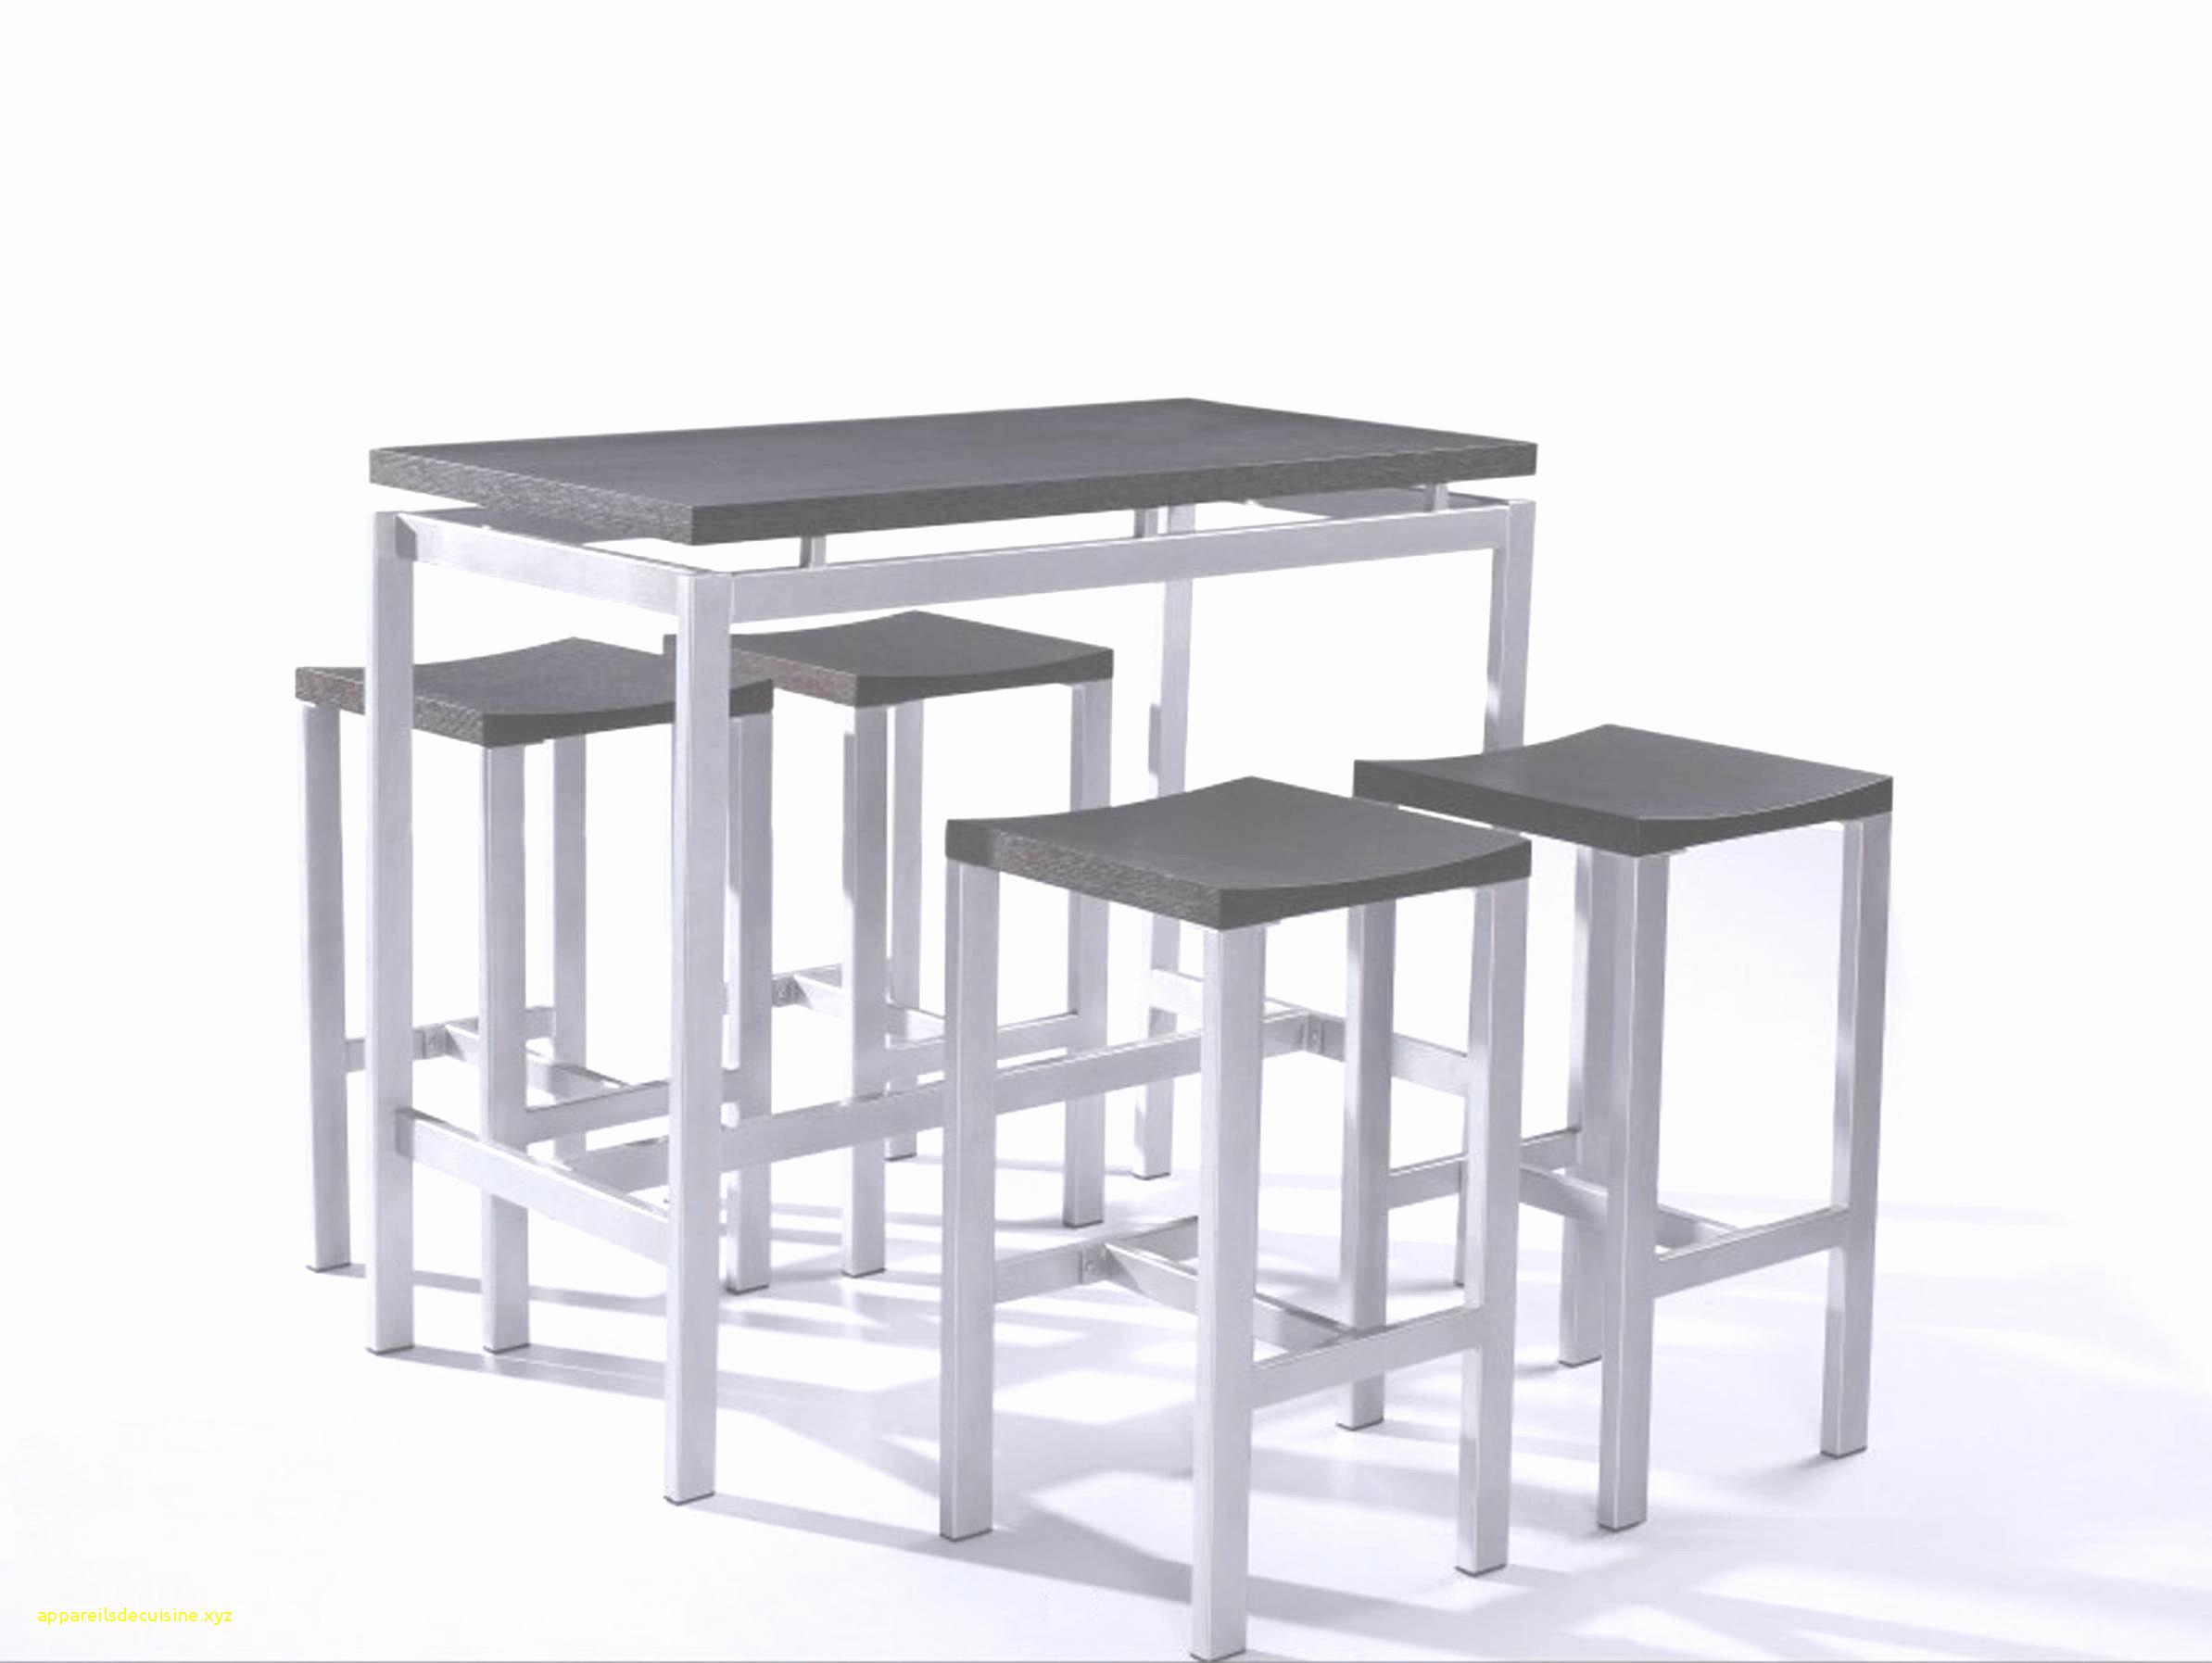 Bordure Modulable Brico Depot Impressionnant Collection 36 Unique Graphie De Table De Cuisine Modulable